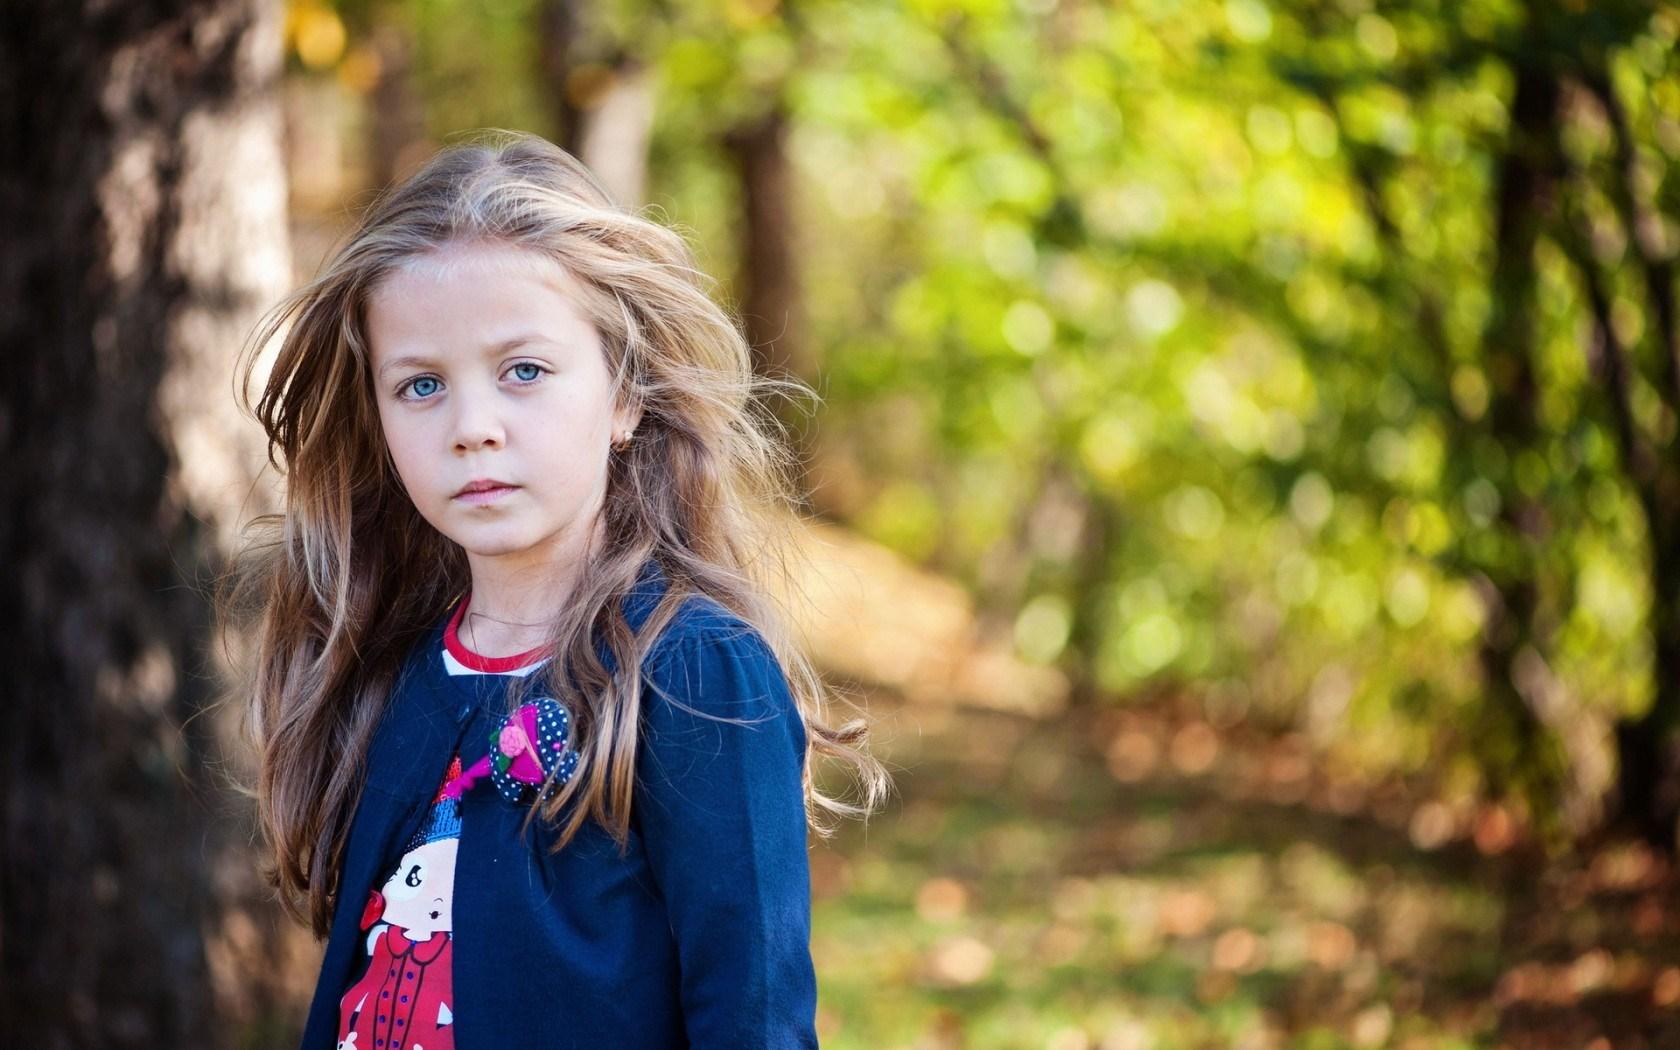 بالصور بنات امريكا , اطفال امريكيات غاية في الرقة والجمال 3176 11